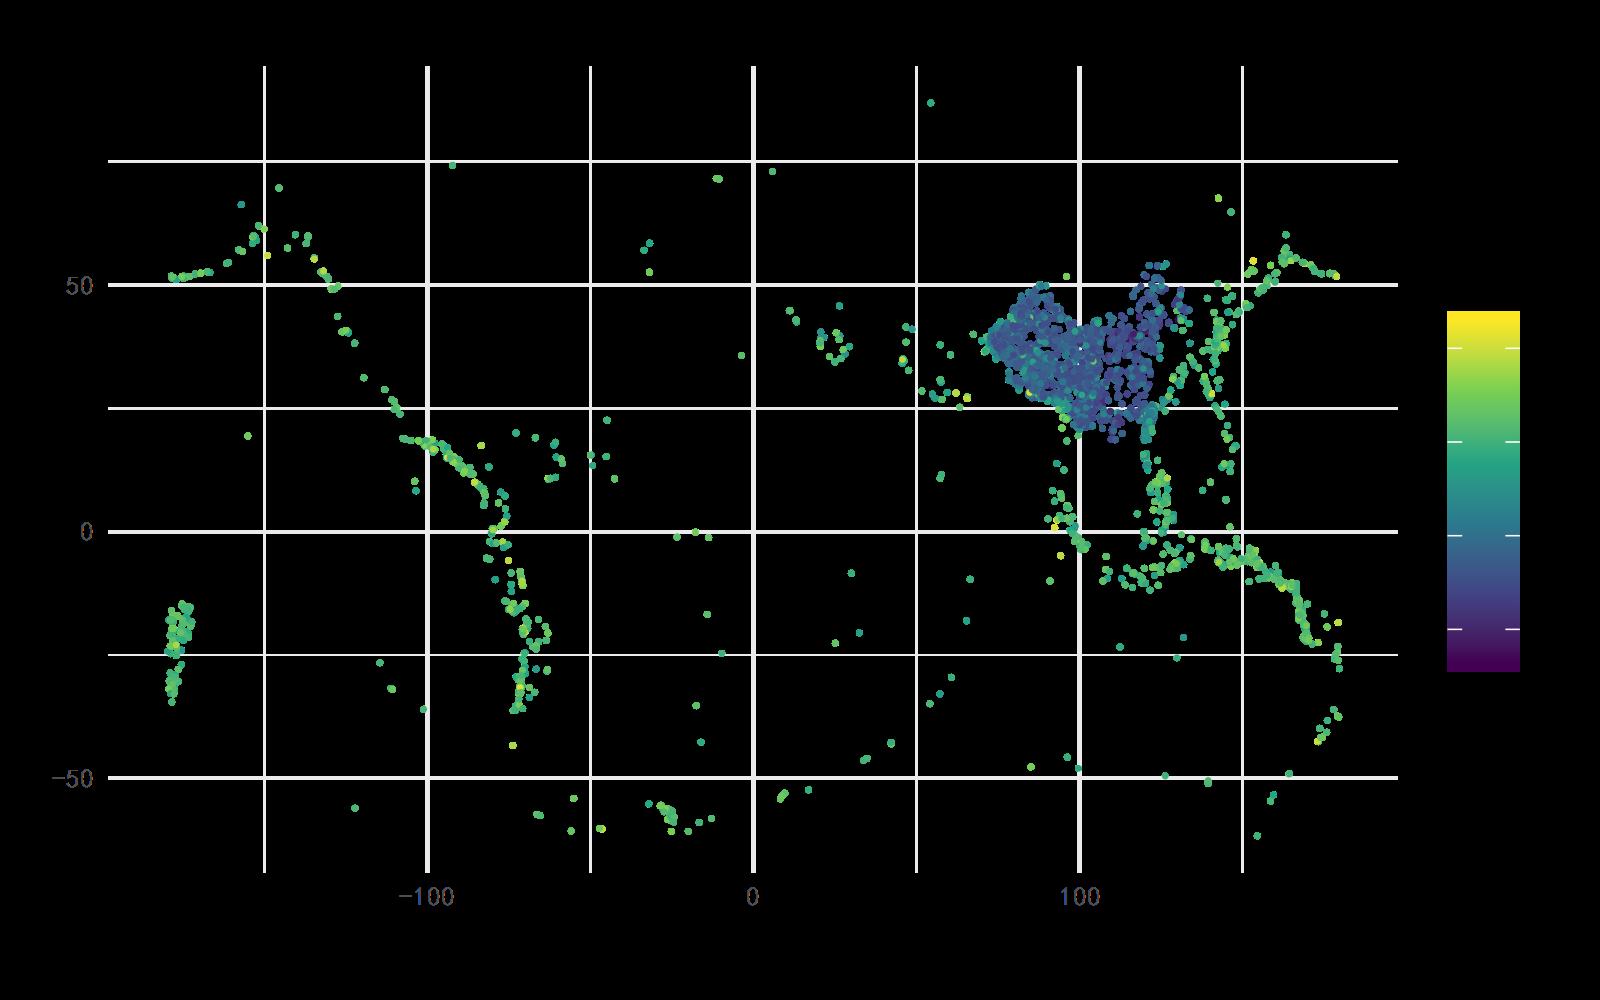 世界各地地震情况